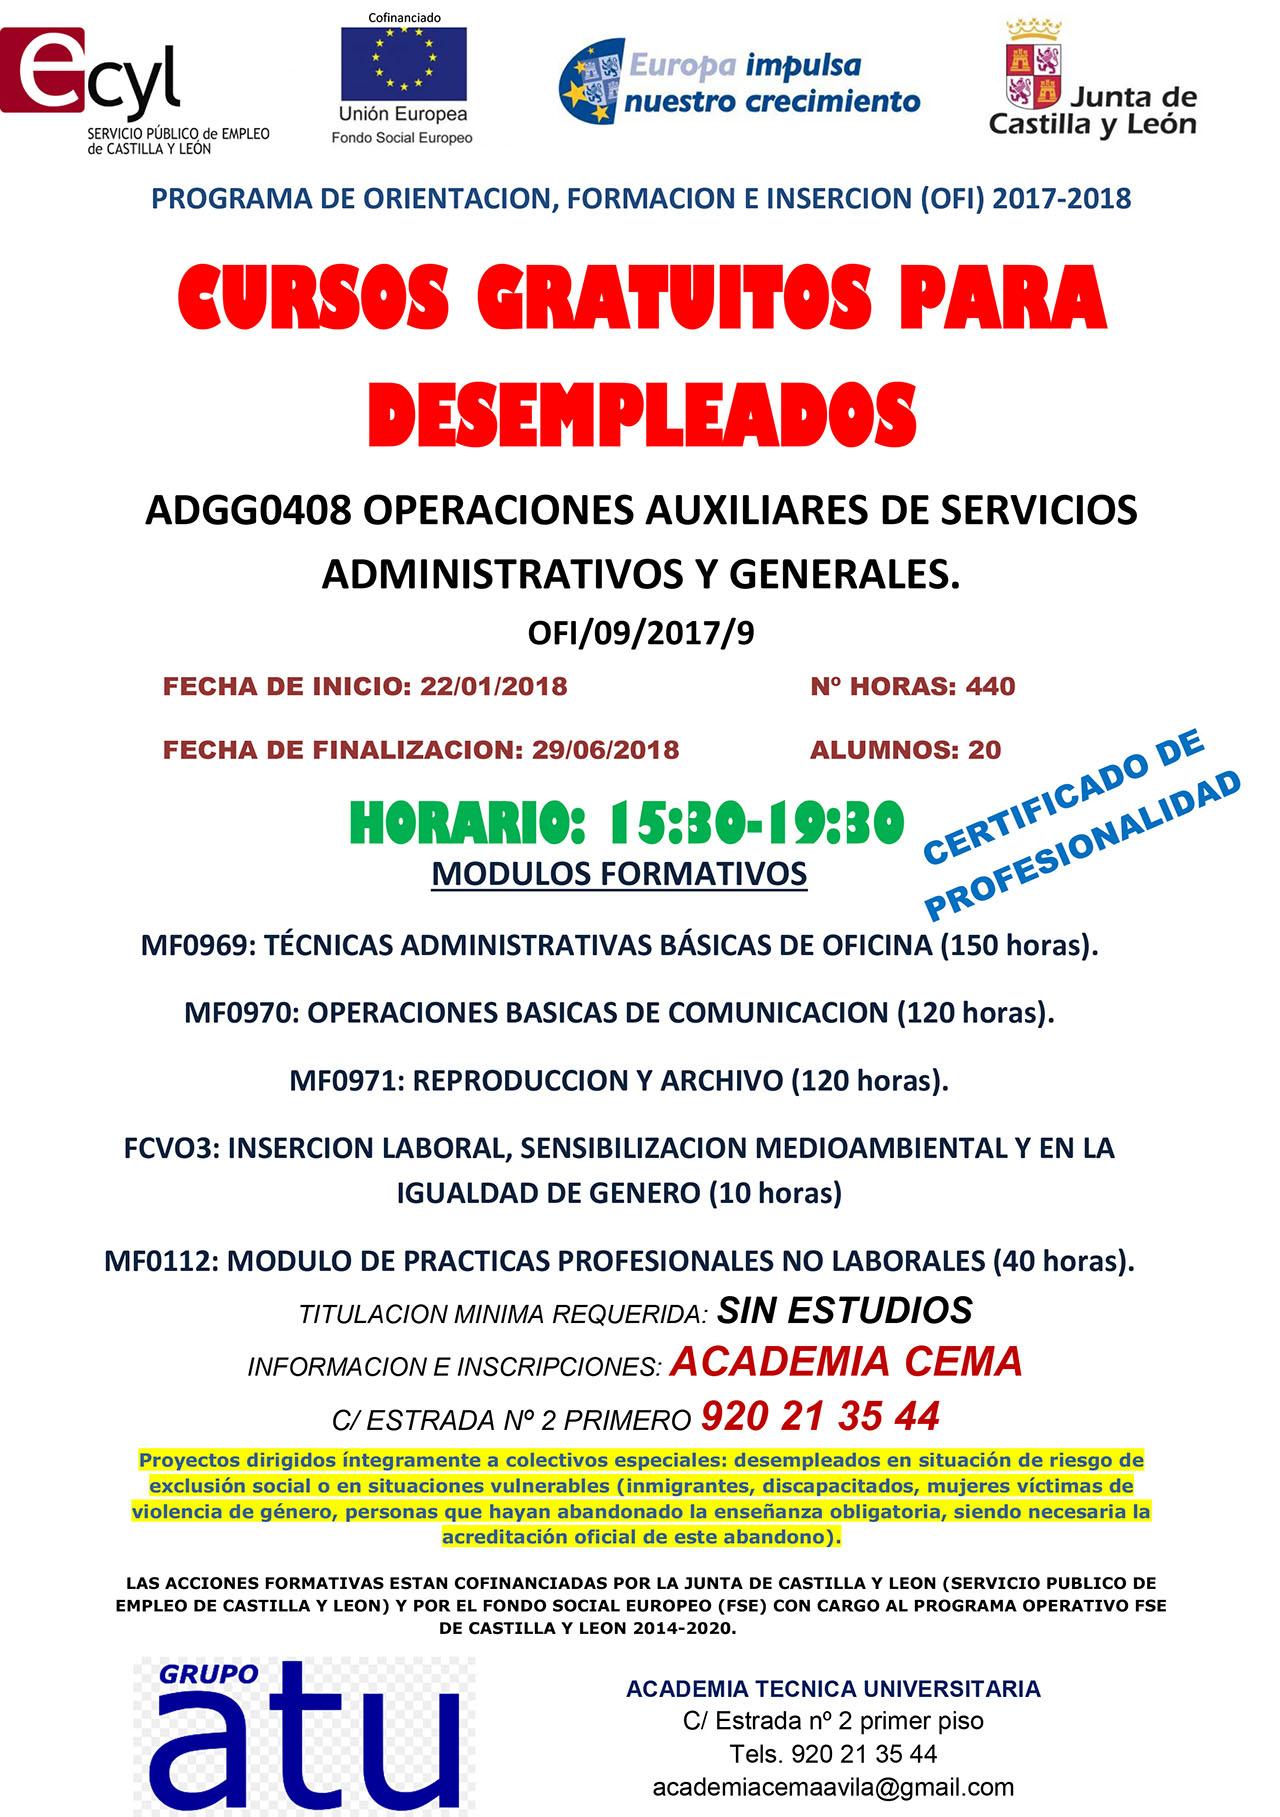 Cursos Gratuitos Para Desempleados Ayuntamiento De Madrigal De Las Altas Torres